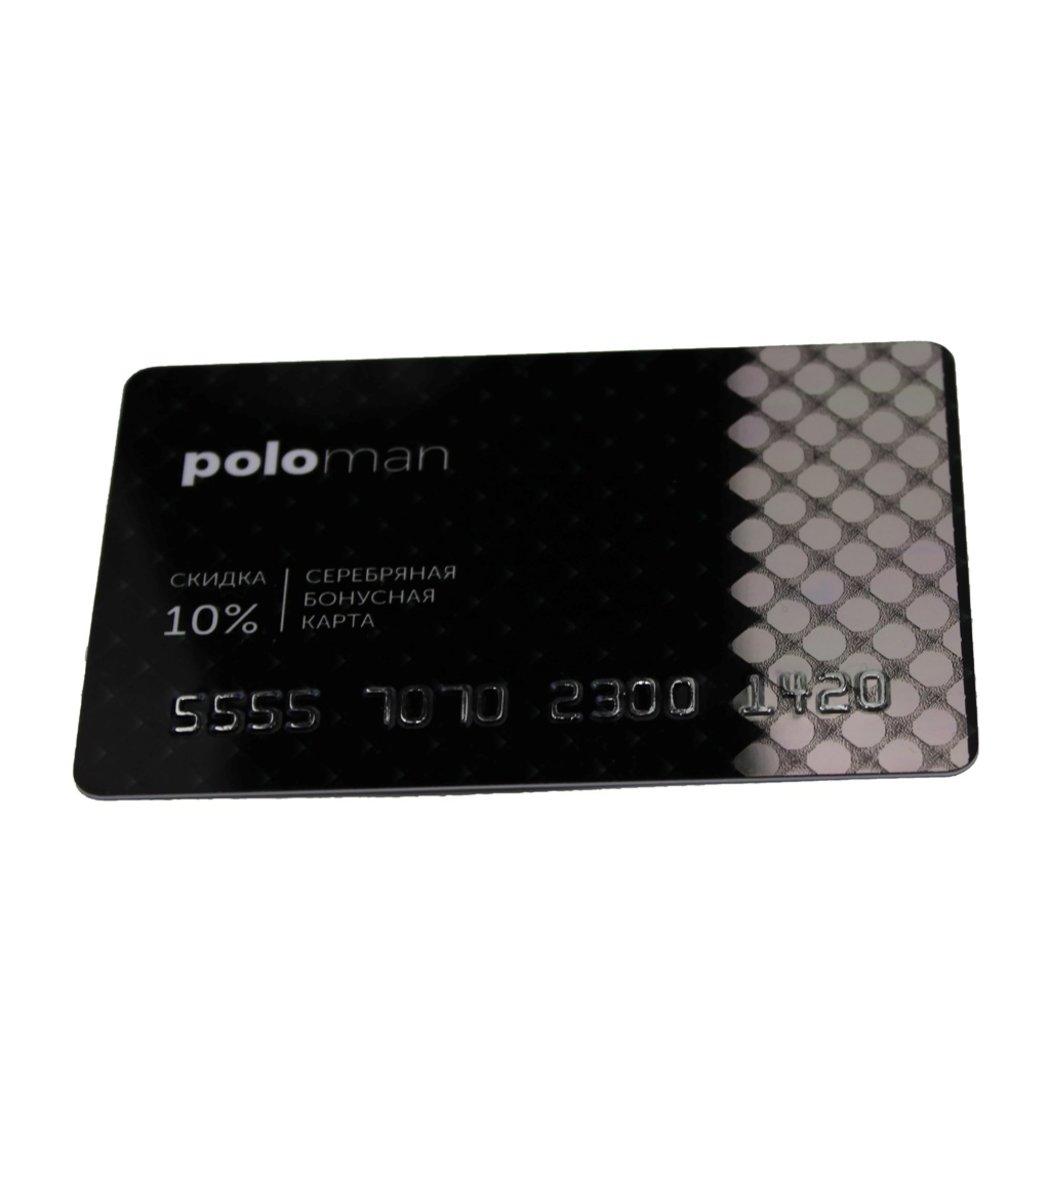 Бонусная карта серебряная - 10%